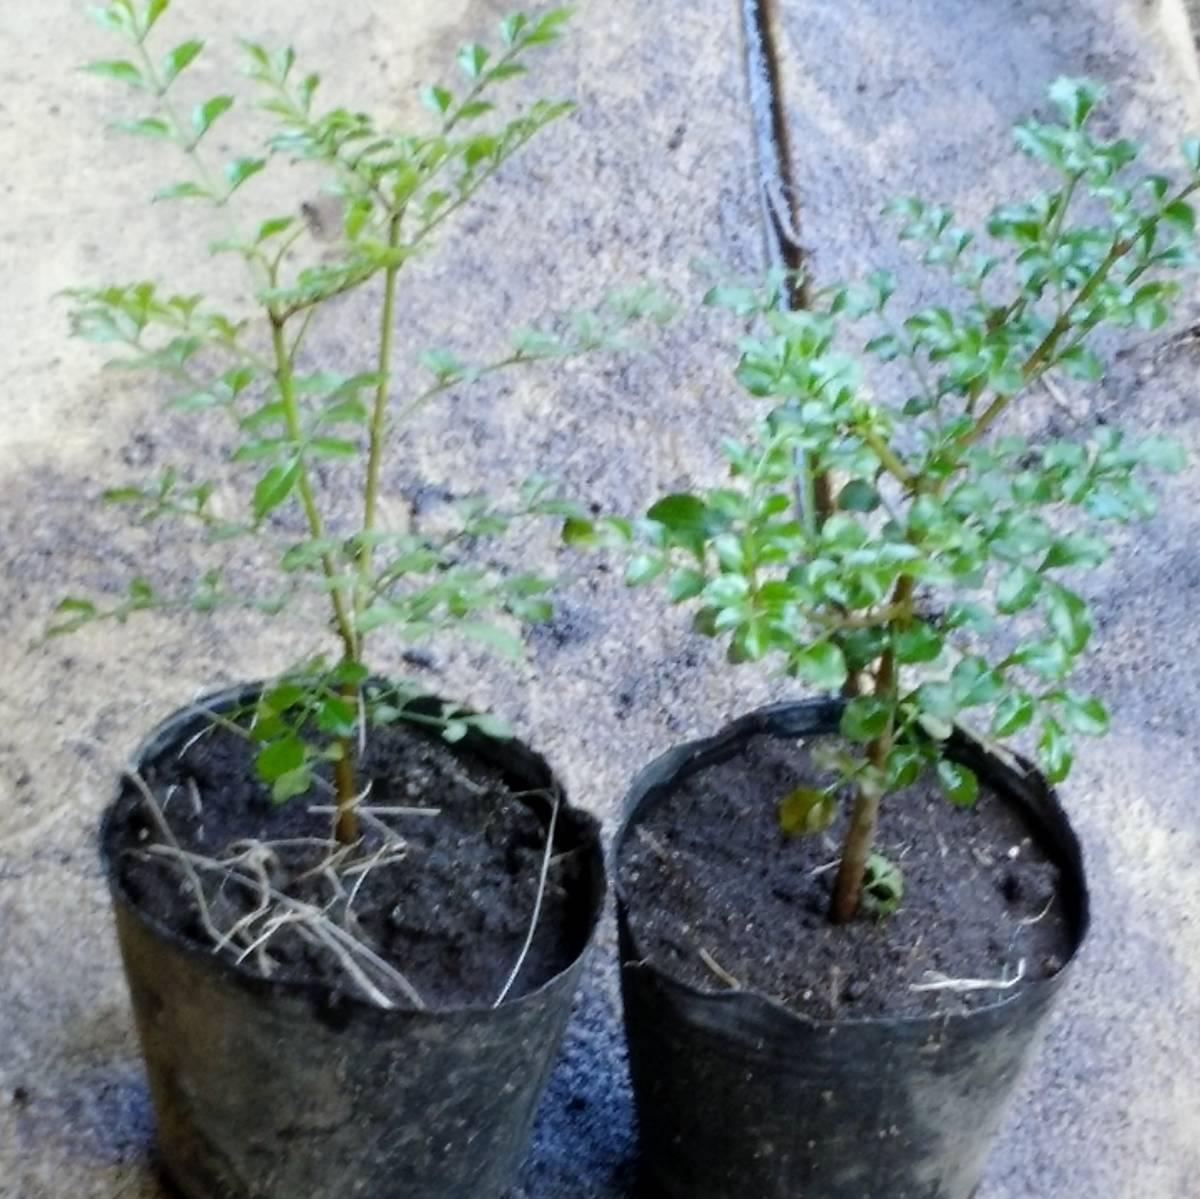 ◆育ててシンボルツリーに【シマトネリコ1本】15~20センチ程度 苗木 ポット 鉢植えガーデニング 抜き苗庭木・目隠し しまとねりこ _画像1